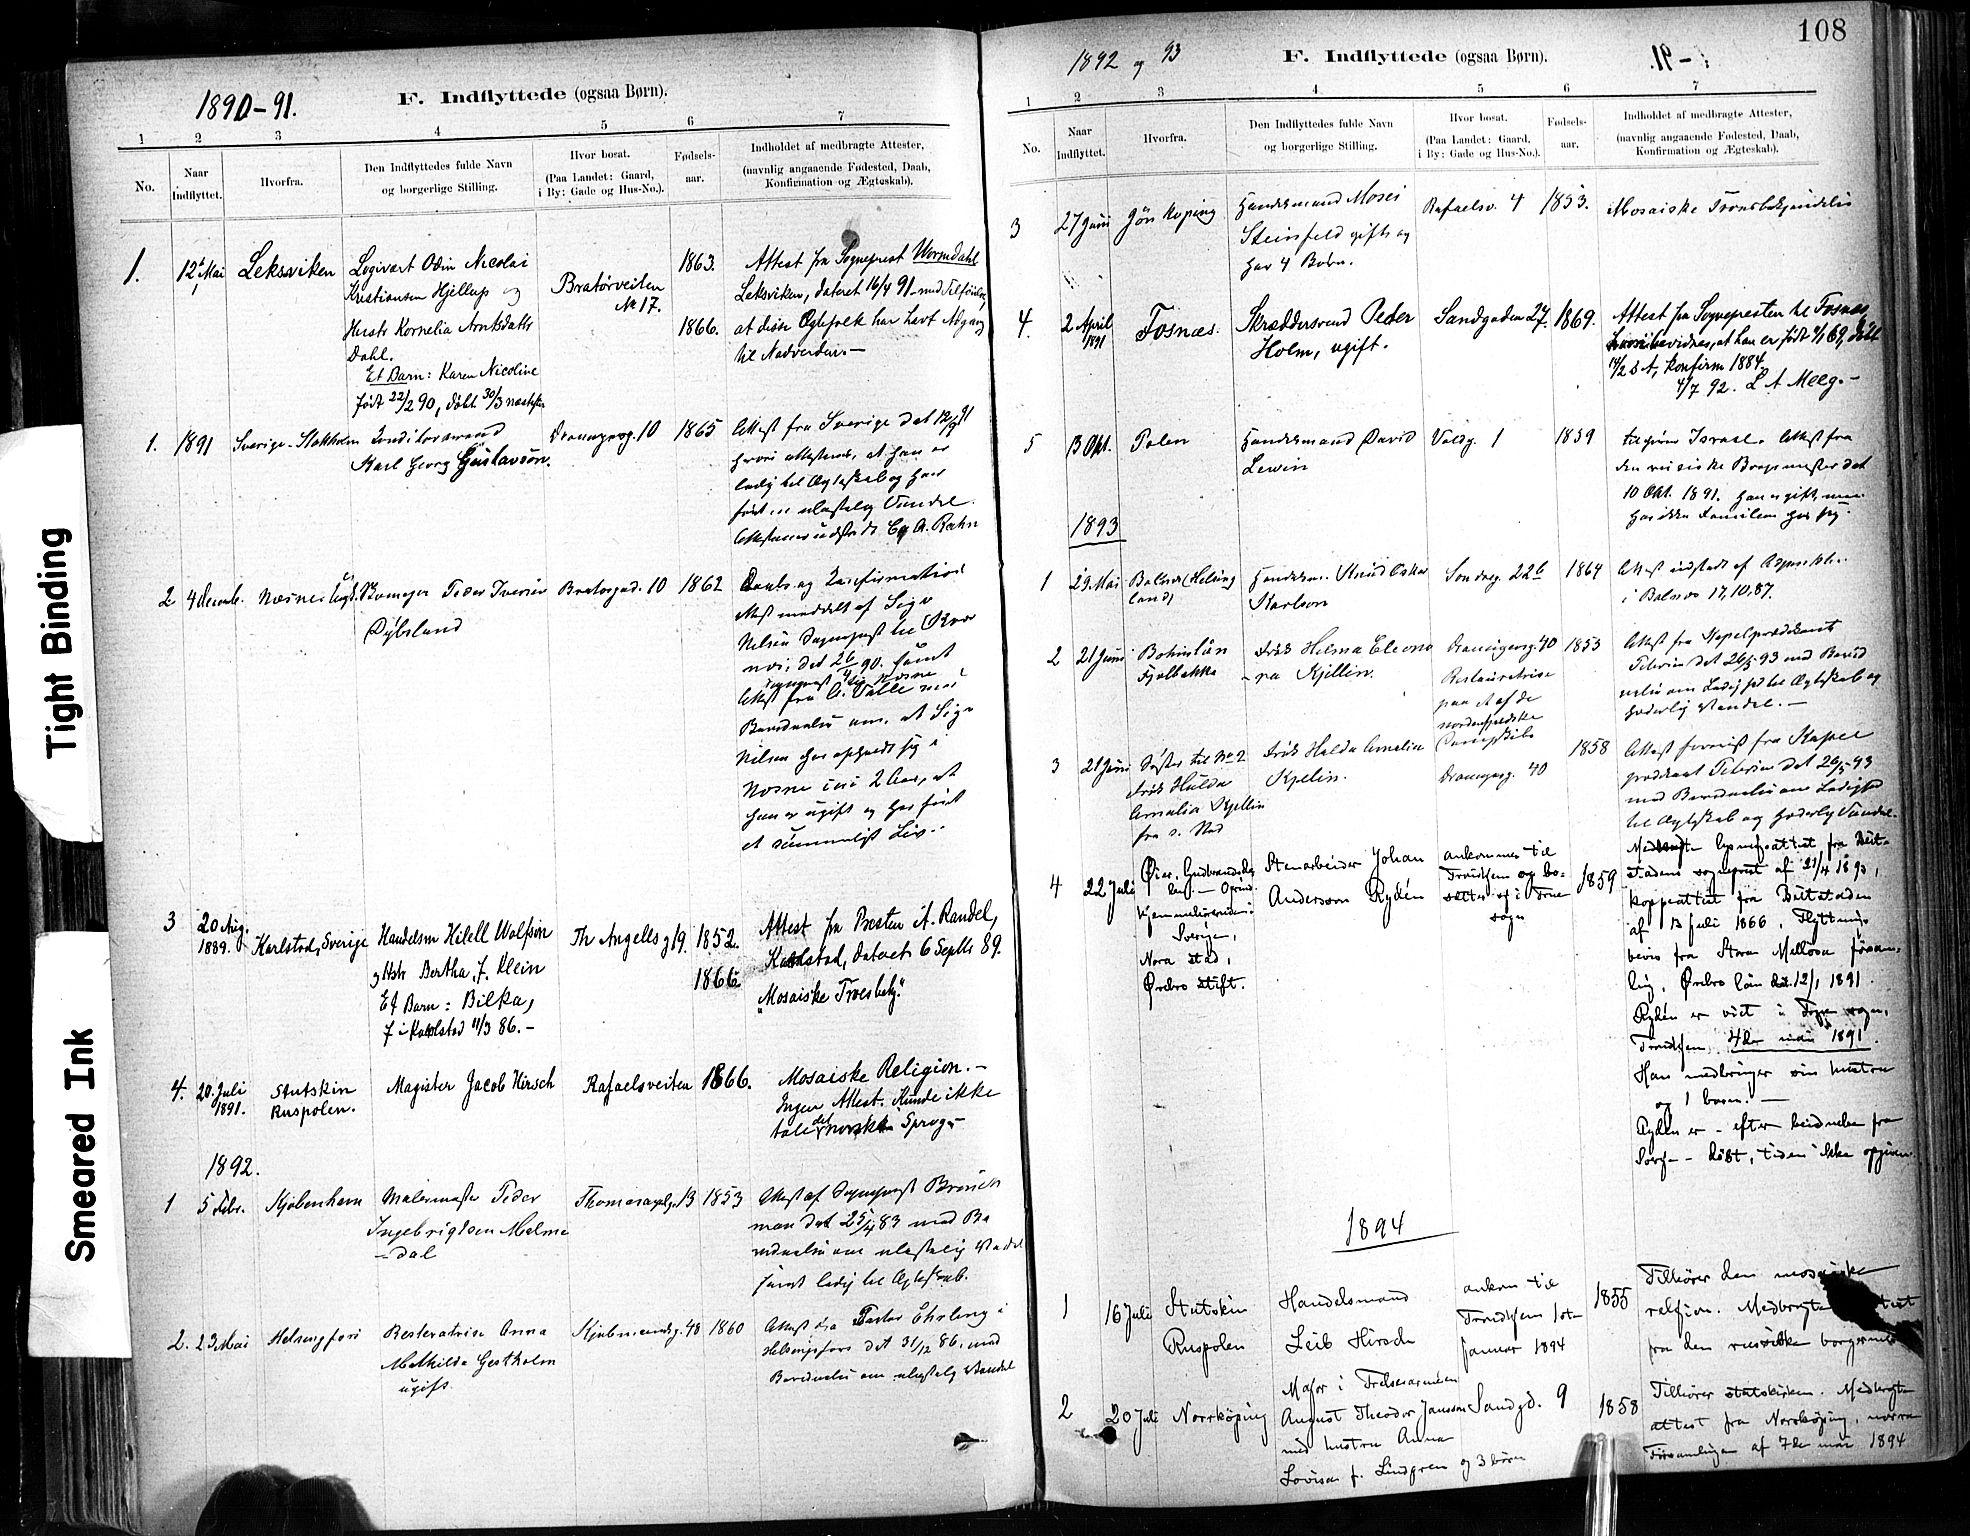 SAT, Ministerialprotokoller, klokkerbøker og fødselsregistre - Sør-Trøndelag, 602/L0120: Ministerialbok nr. 602A18, 1880-1913, s. 108